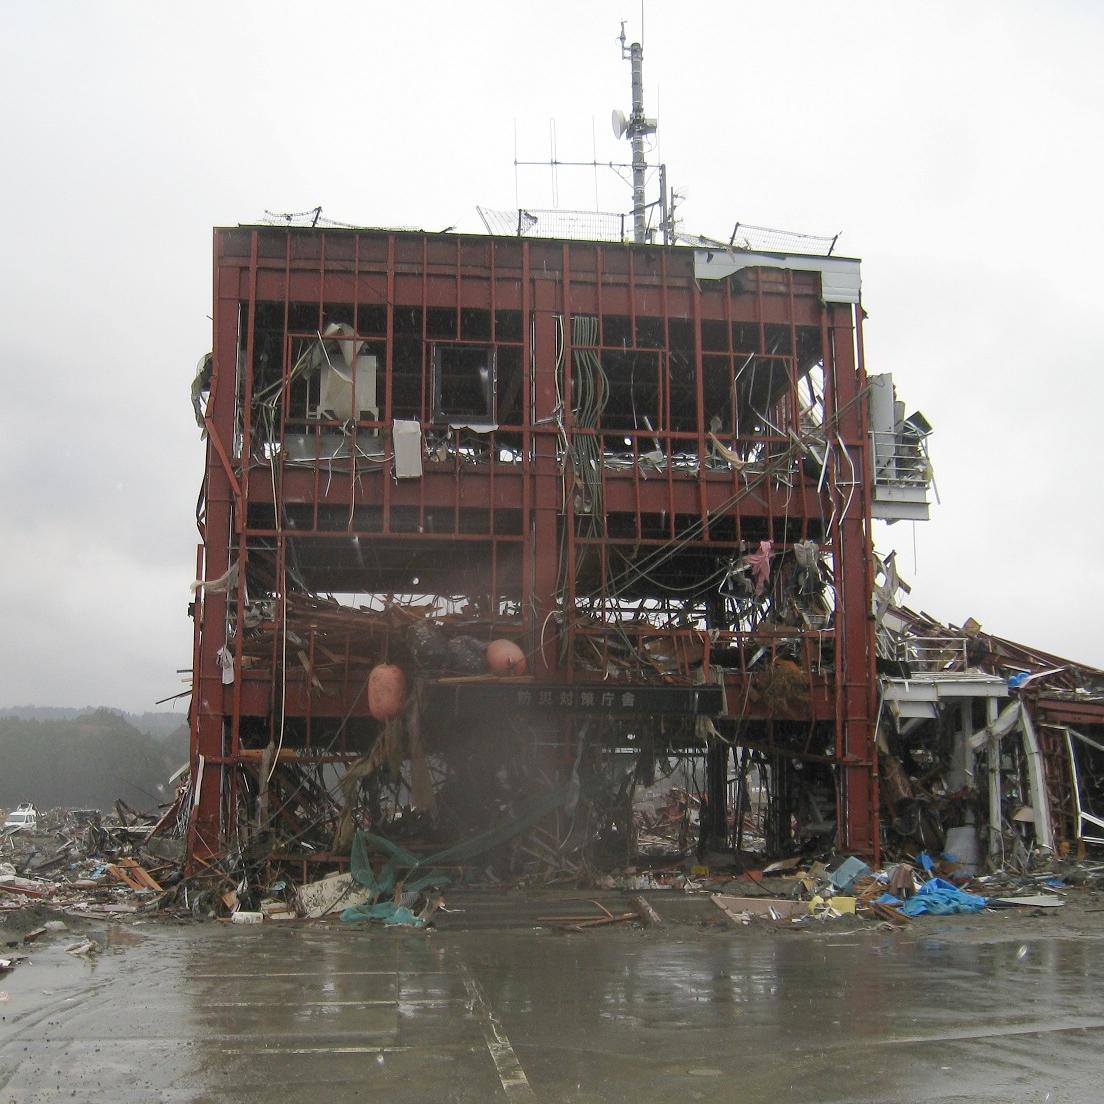 大津波でも11名の命が助かった、重量鉄骨造の南三陸町防災対策庁舎の視察に行ってきました。